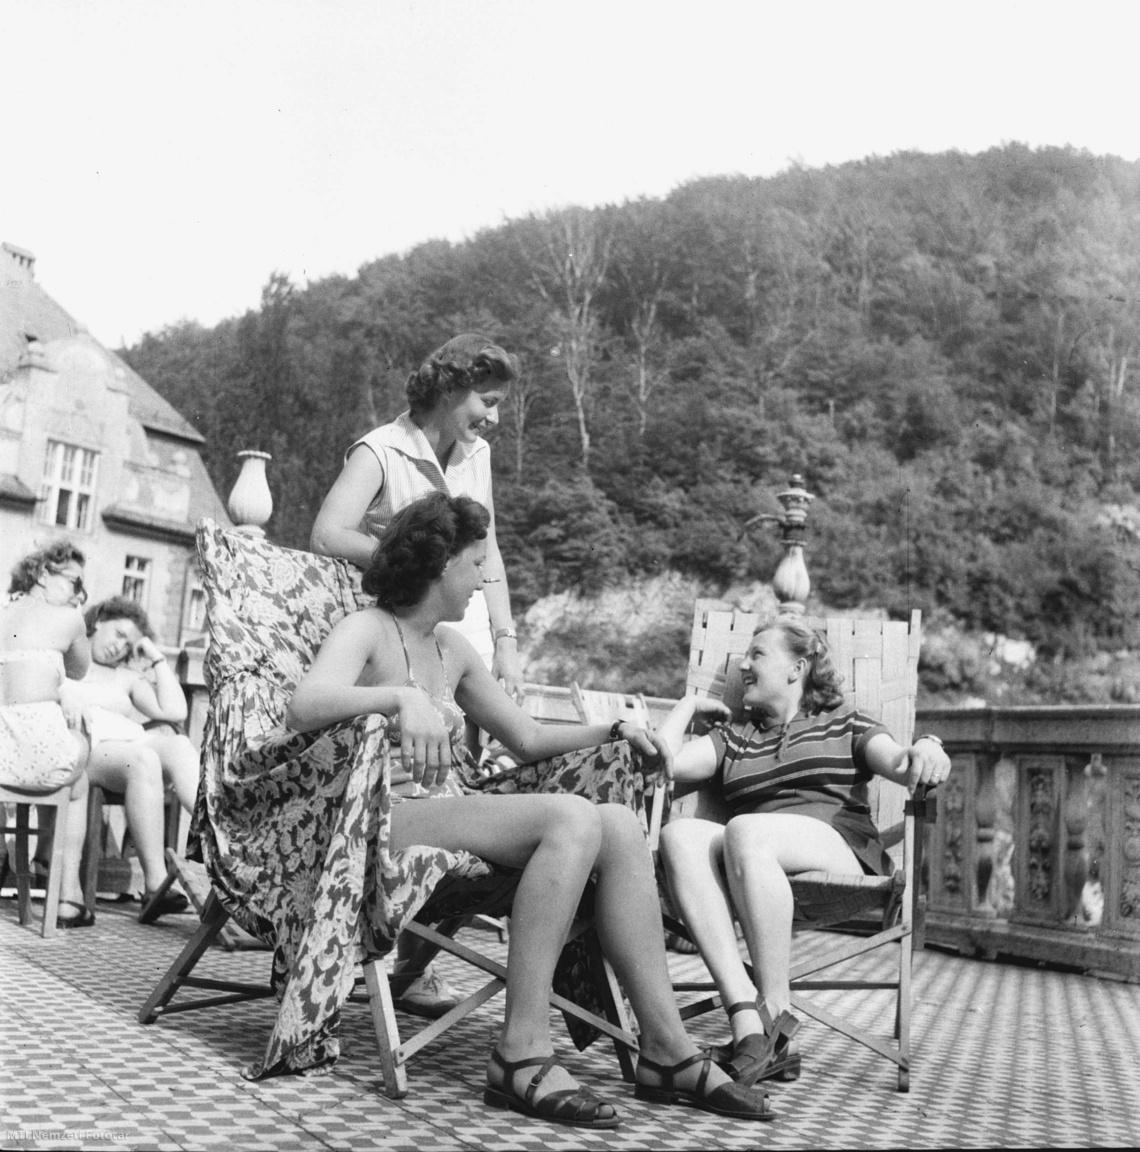 Gulyás Mária, a Villanyszerelő Vállalat munkaérdemrendes sztahanovista villanyszerelője a lillafüredi Nagyszálló teraszán napozás közben elmeséli Zajác Erzsébetnek, a Pamuttextilművek pénztárosának és Gösswein Mártának, az Építőgépgyártó és Javító Tröszt tisztviselőjének, hogyan lett sztahanovista brigádvezető. Mindezt 1952 májusában